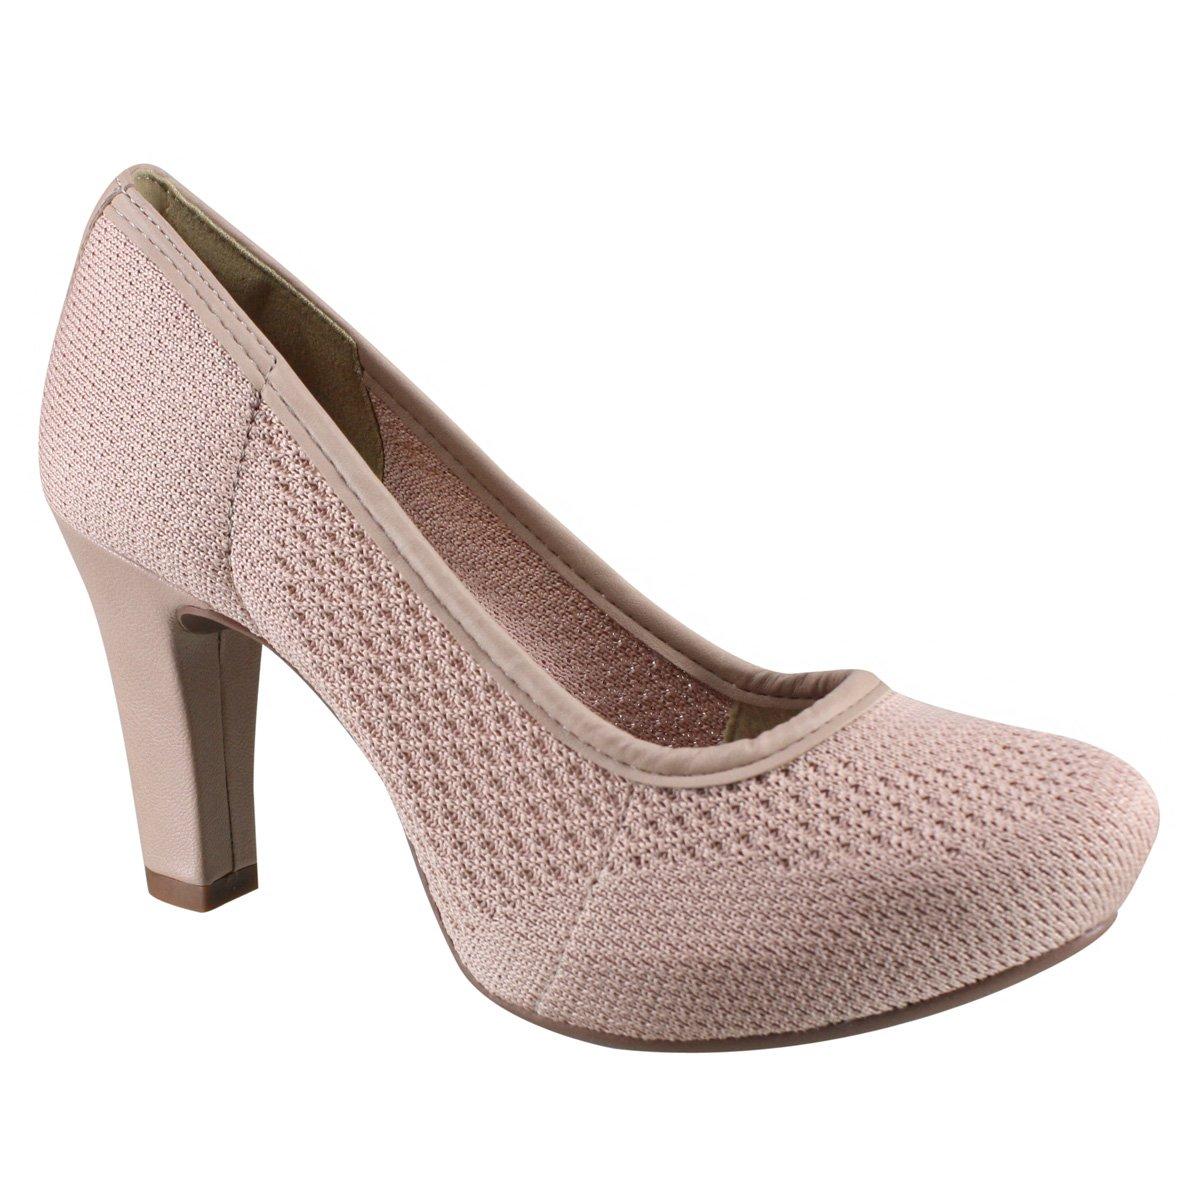 494c2e121 Passe o mouse para ver detalhes. Amplie a imagem. Sapato Feminino Dakota Meia  Pata ...